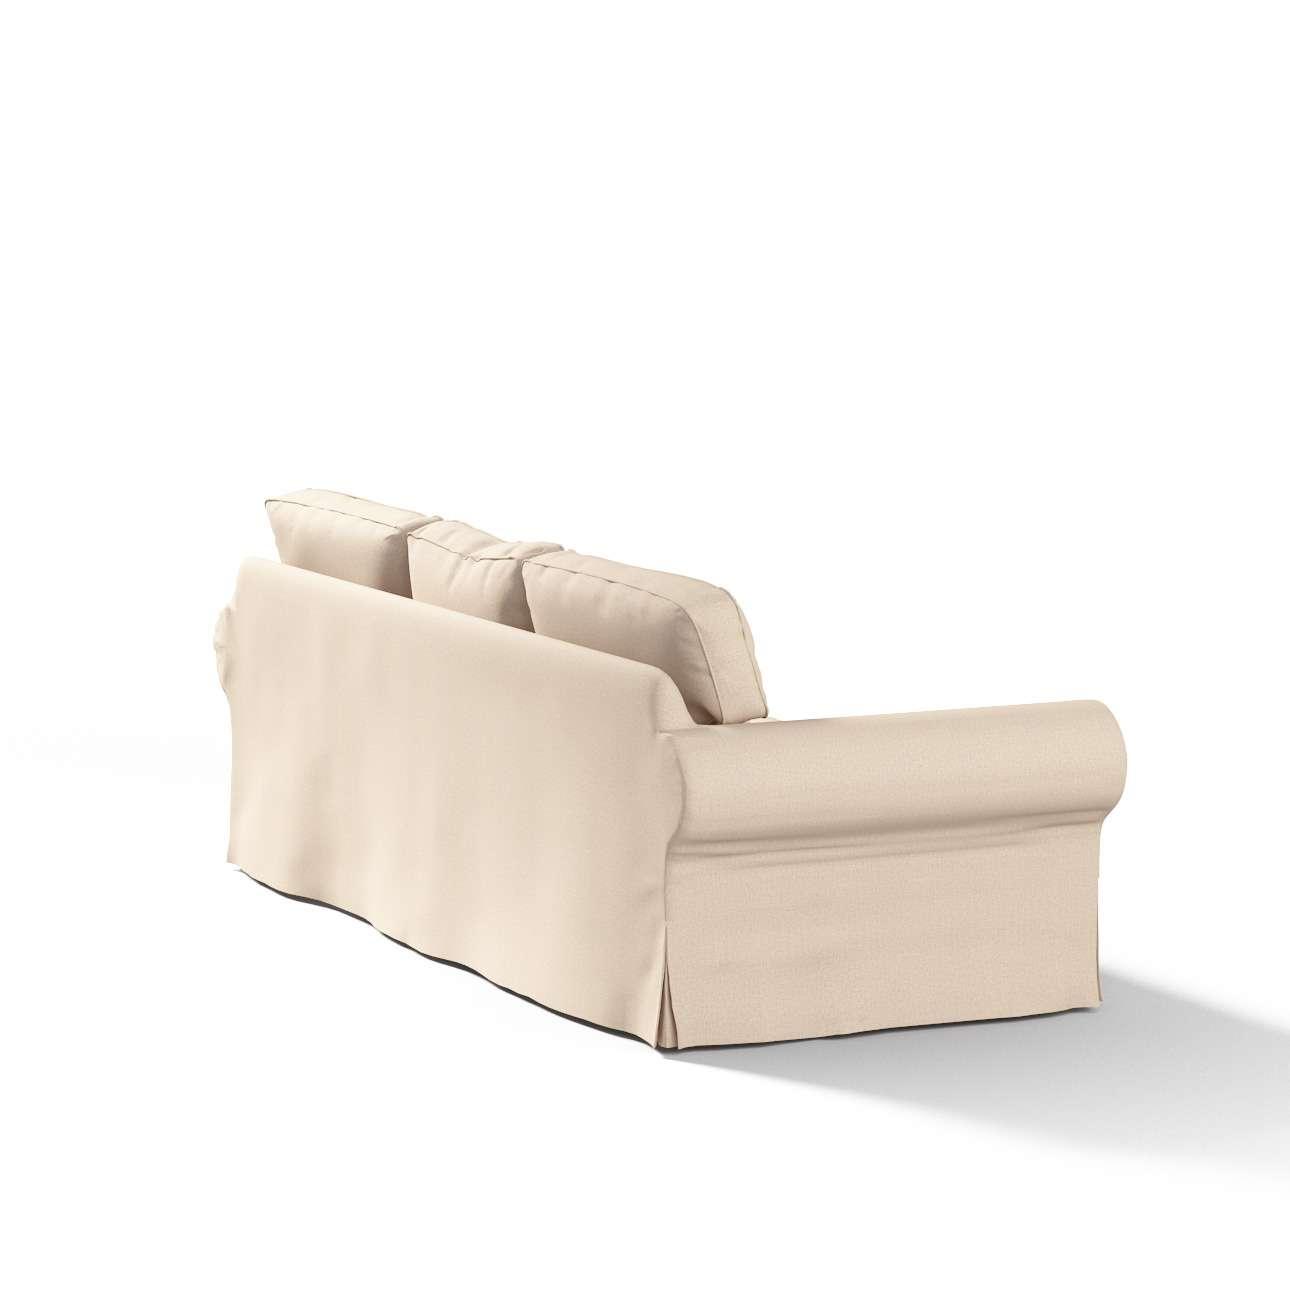 Pokrowiec na sofę Ektorp 3-osobową, nierozkładaną Sofa Ektorp 3-osobowa w kolekcji Edinburgh, tkanina: 115-78